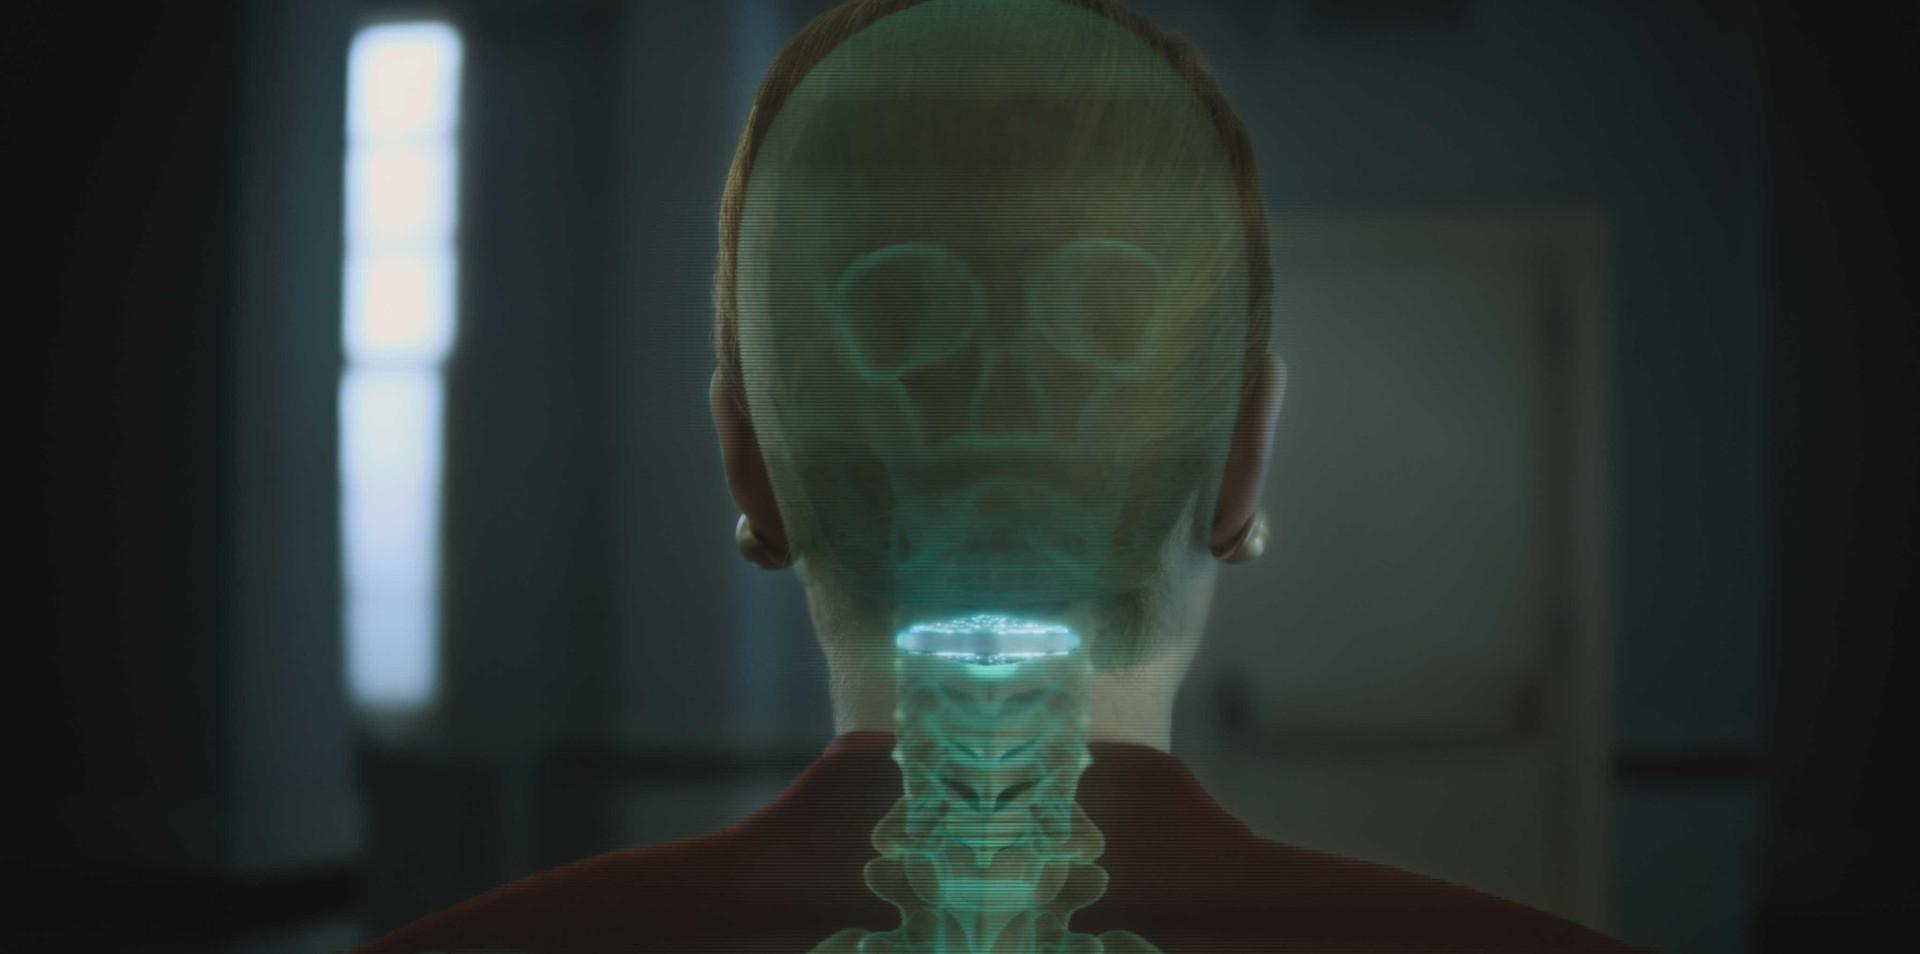 Altered Carbon: série da Netflix põe morte em xeque; veja o que achamos